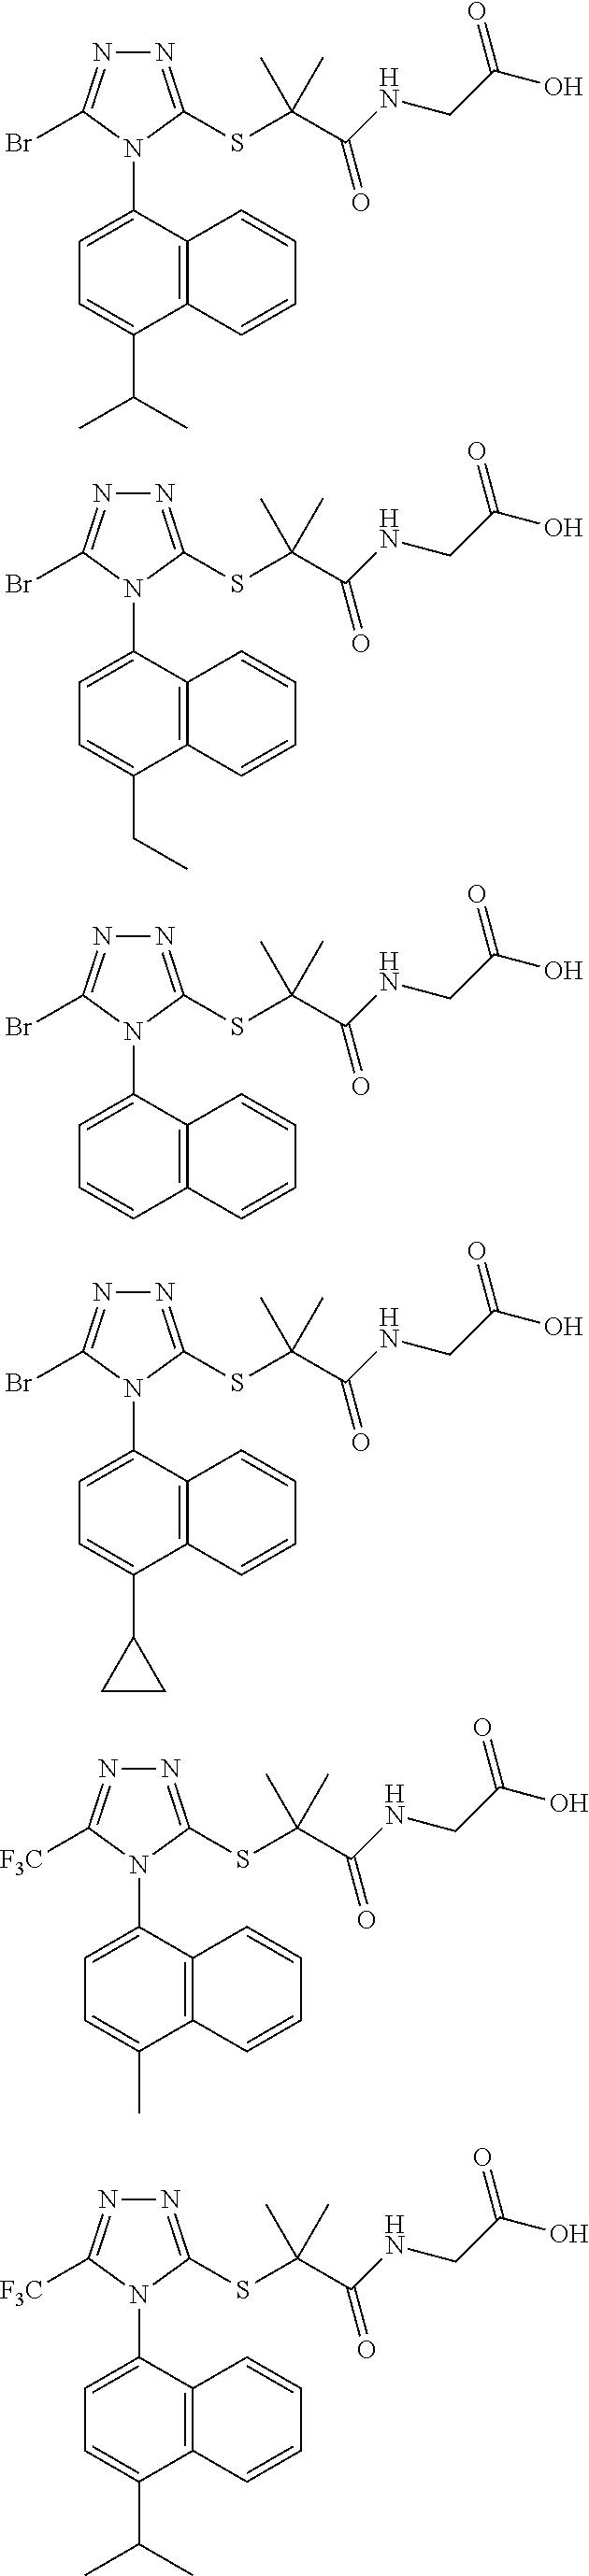 Figure US08283369-20121009-C00046